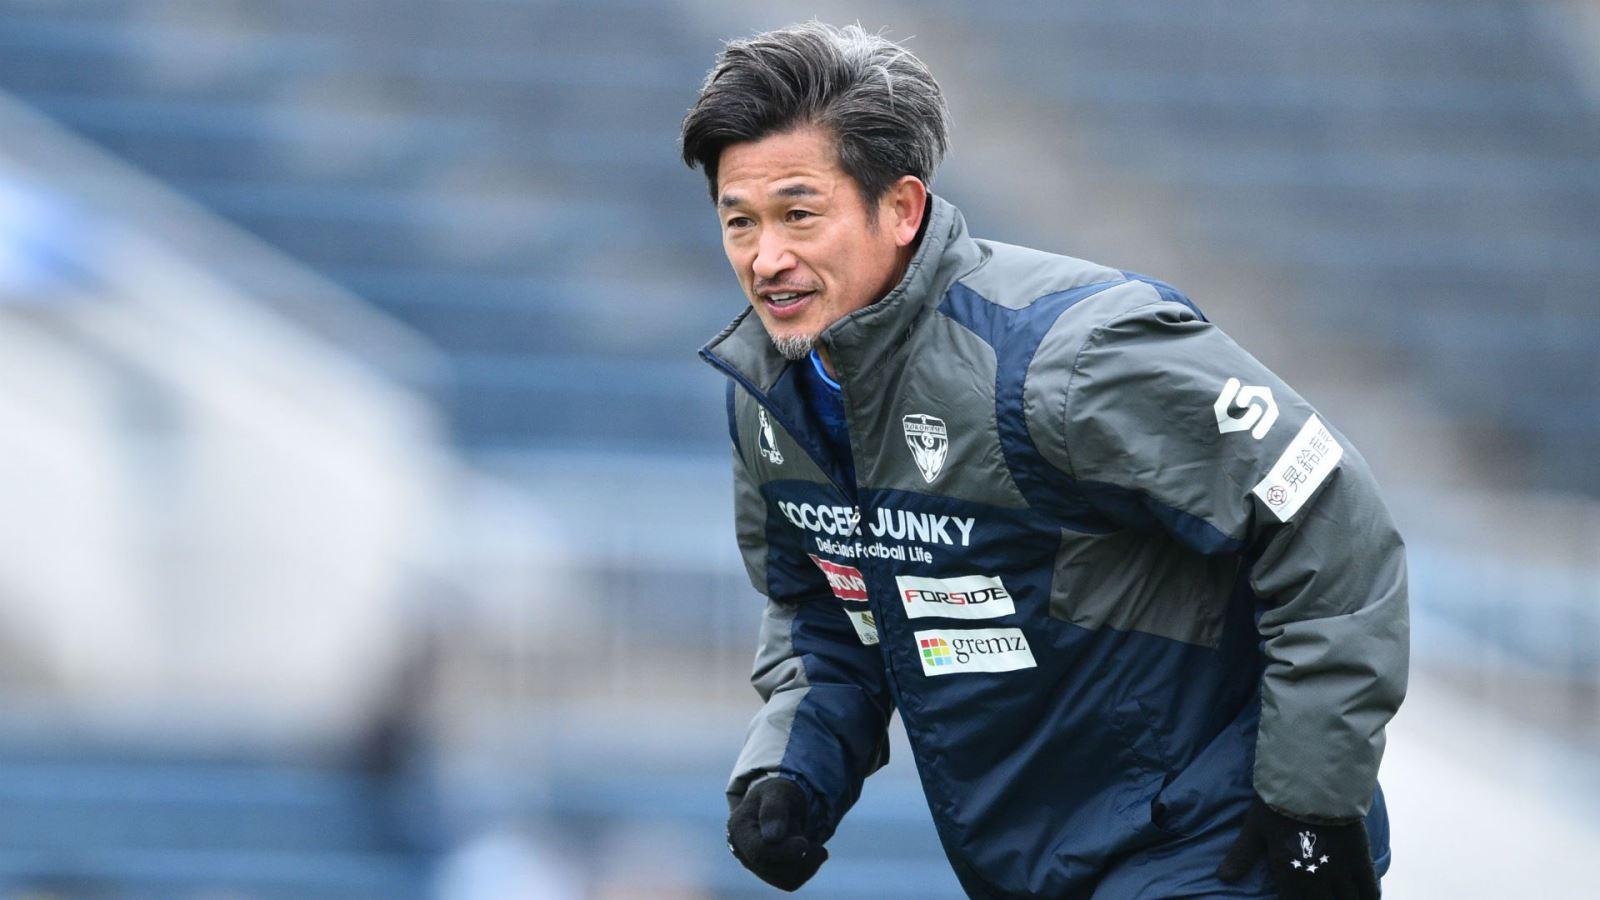 Kazu Miura, Huyền thoại Kazu Miura gia hạn với Yokohama, Kazu Miura lập kỷ lục, J-League, cầu thủ già nhất còn thi đấu, cầu thủ cao tuổi nhất, cầu thủ già nhất ghi bàn